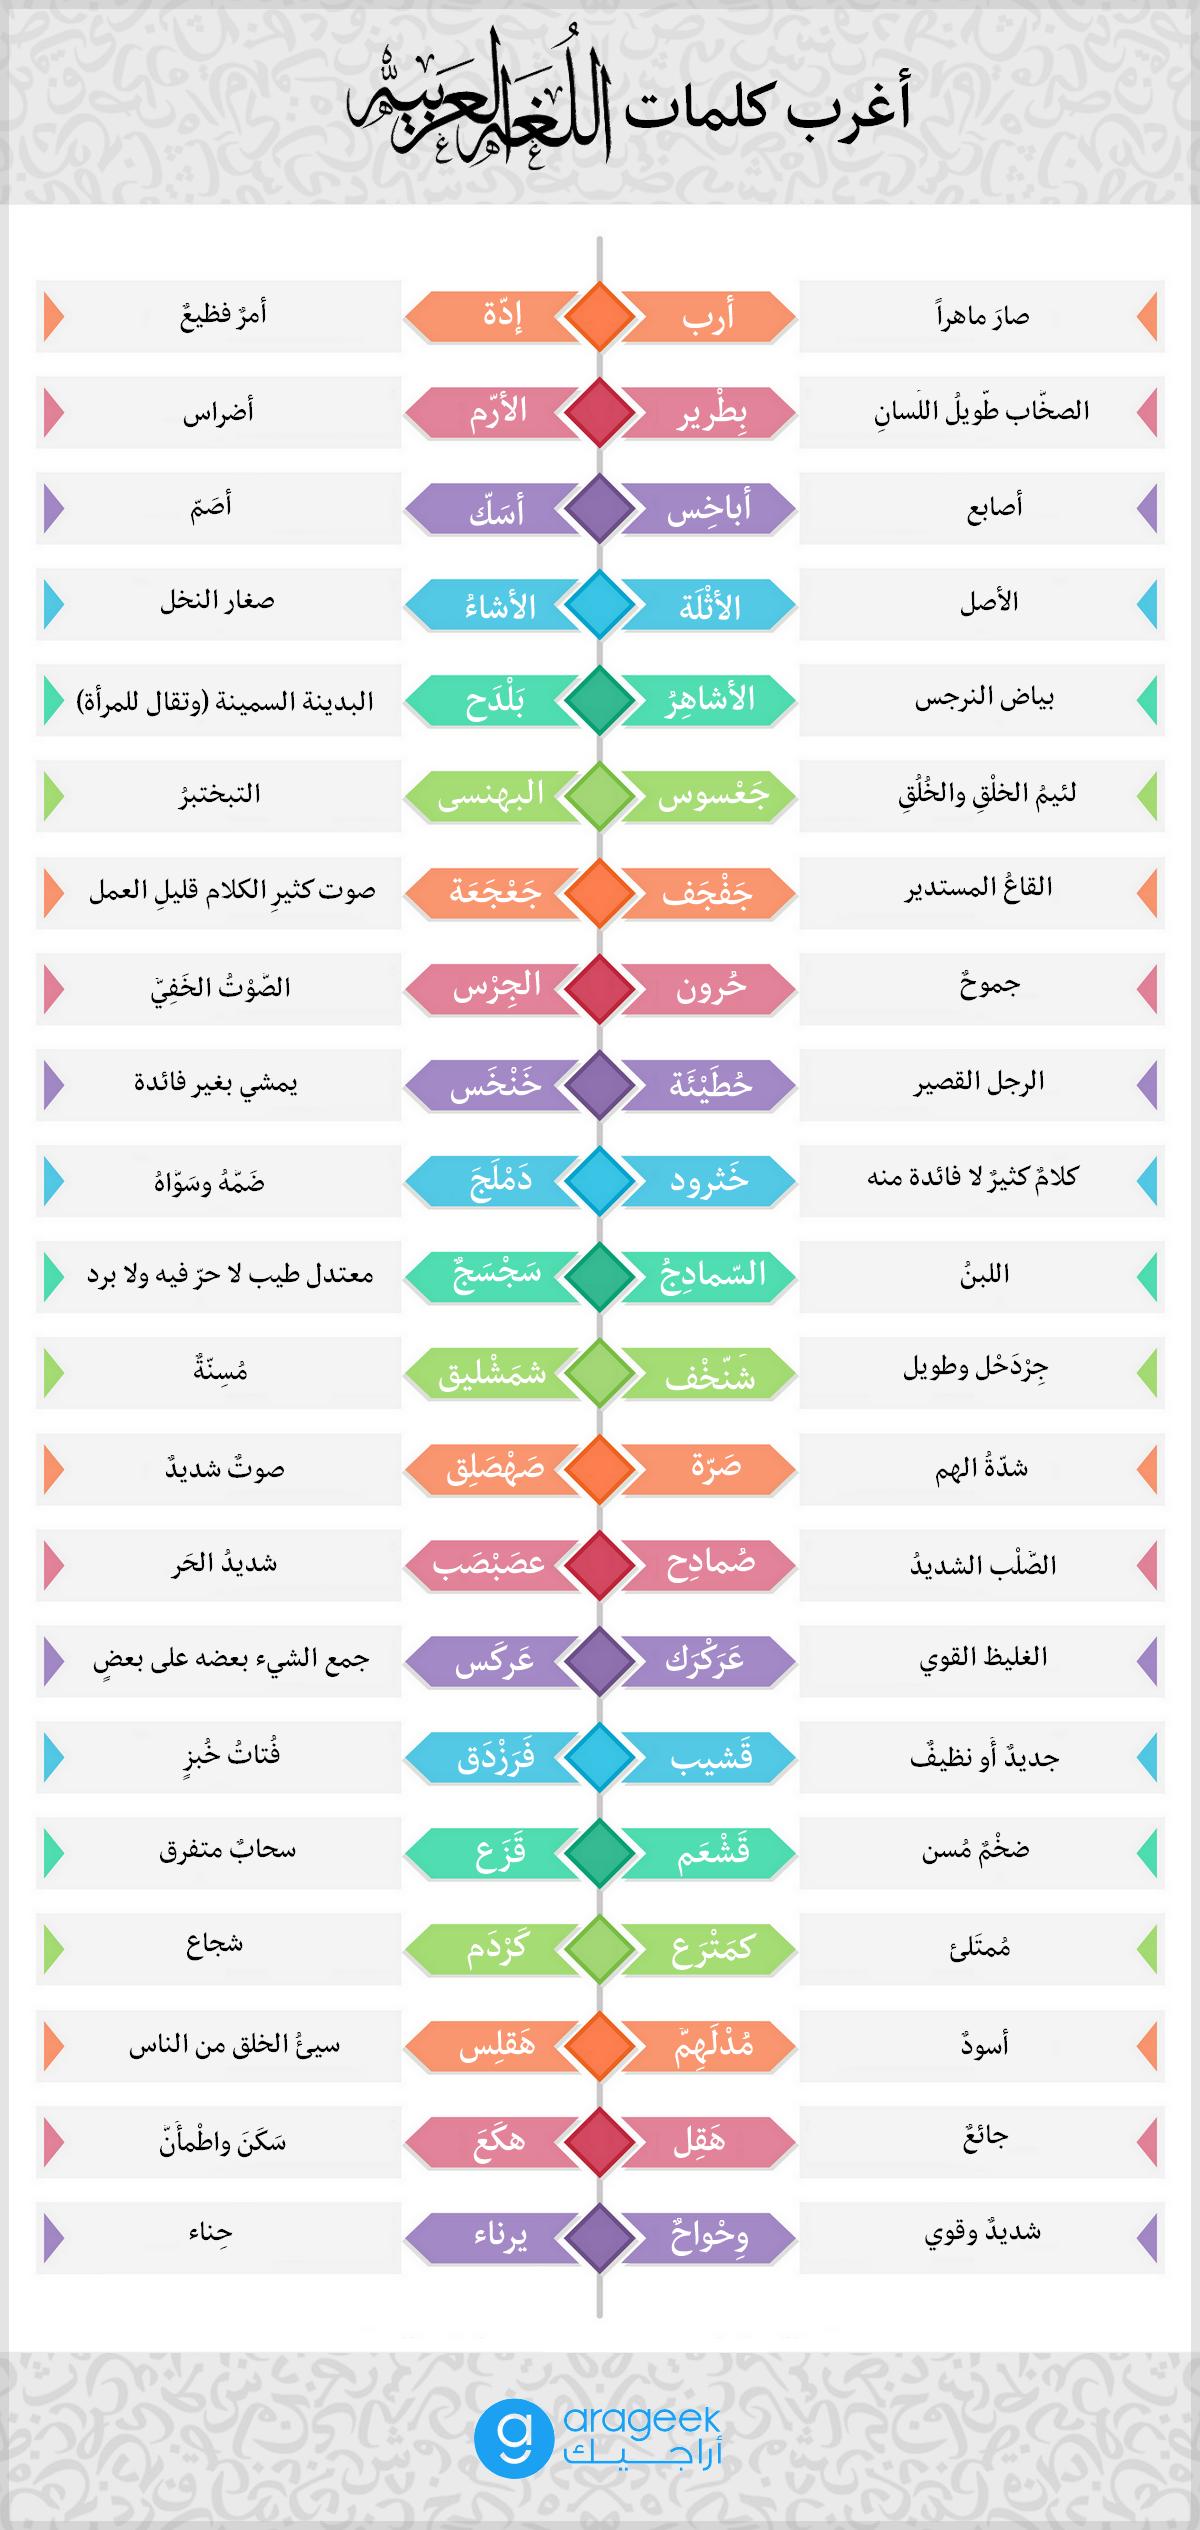 40 كلمة من أغرب كلمات اللغة العربية على الإطلاق إنفوجرافيك Learn Arabic Language Arabic Words Islamic Phrases